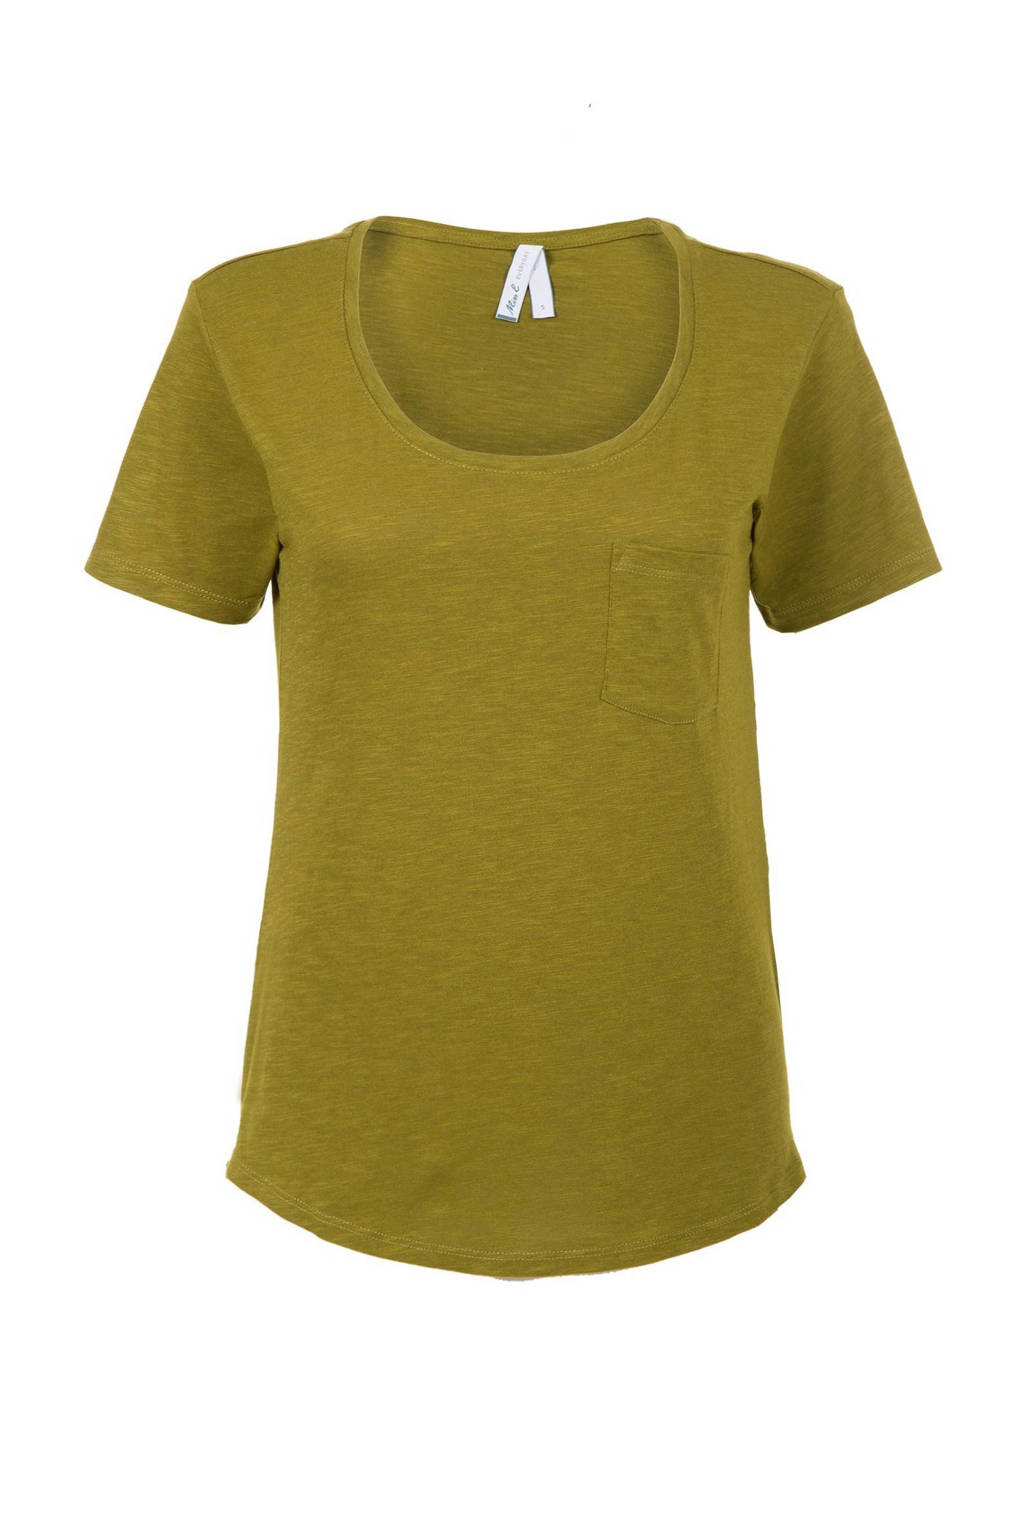 Miss Etam Regulier gemêleerd T-shirt groen, Groen